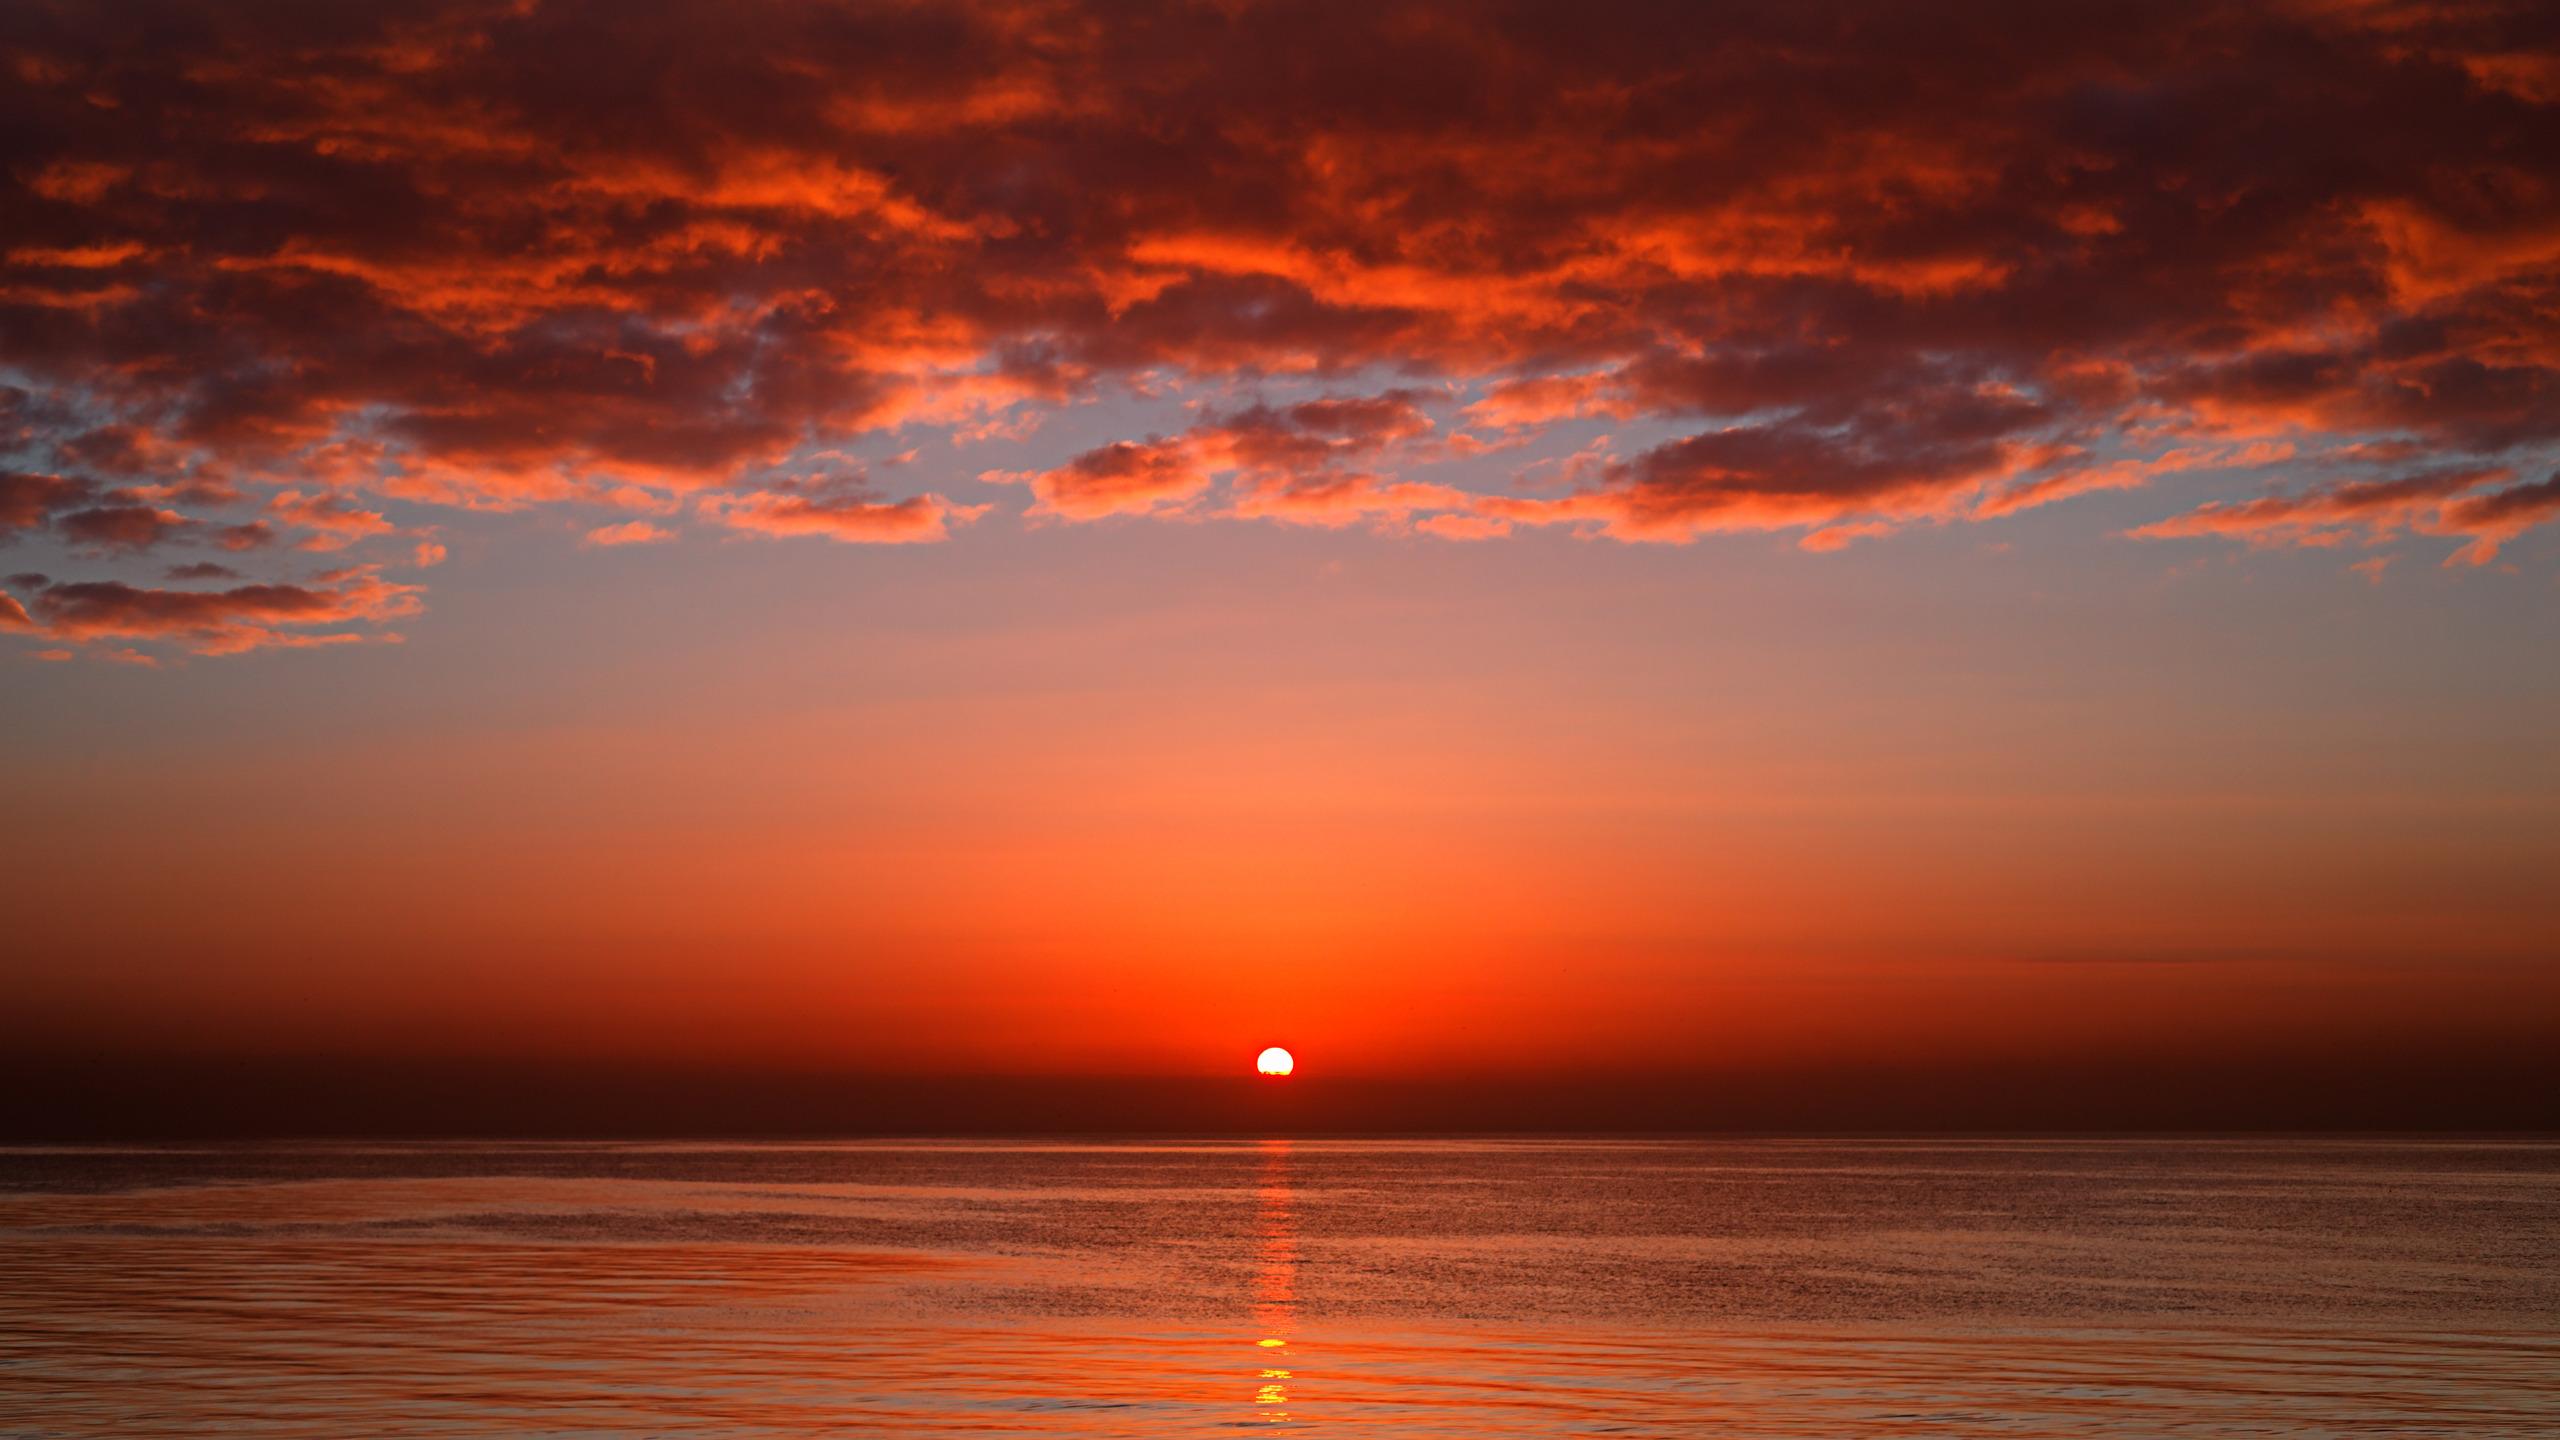 Фото для рабочего стола солнце закат